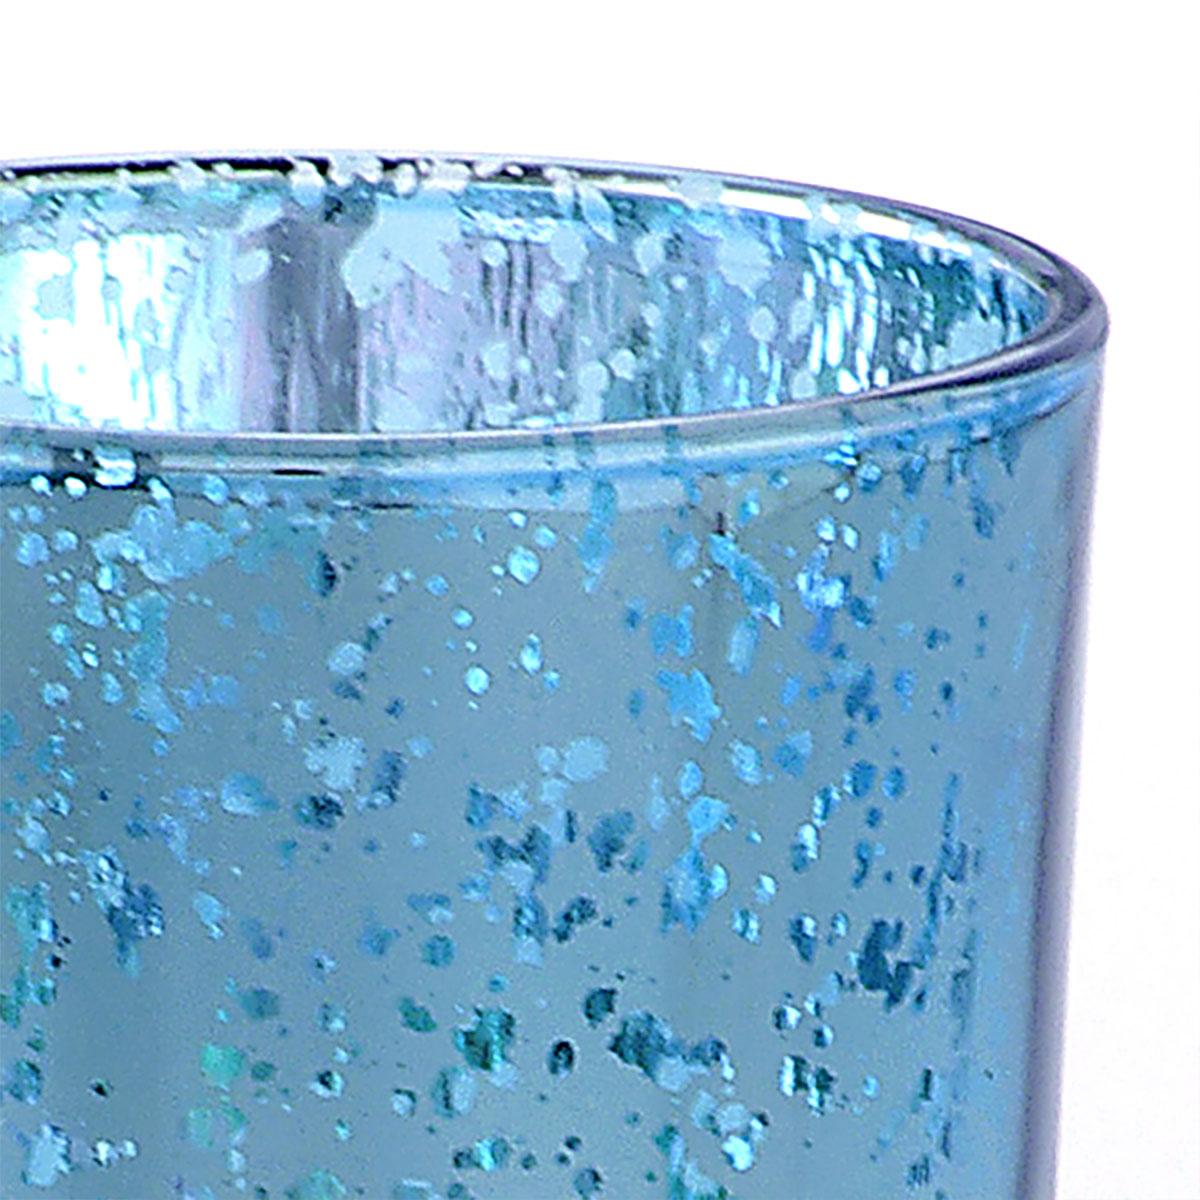 ヤンキーキャンドル YANKEE CANDLE 正規販売店 グラス ヴィンテージ(ビンテージ)グラス ブルー (J5560000BL) A49B B3C C3D D0E E00F